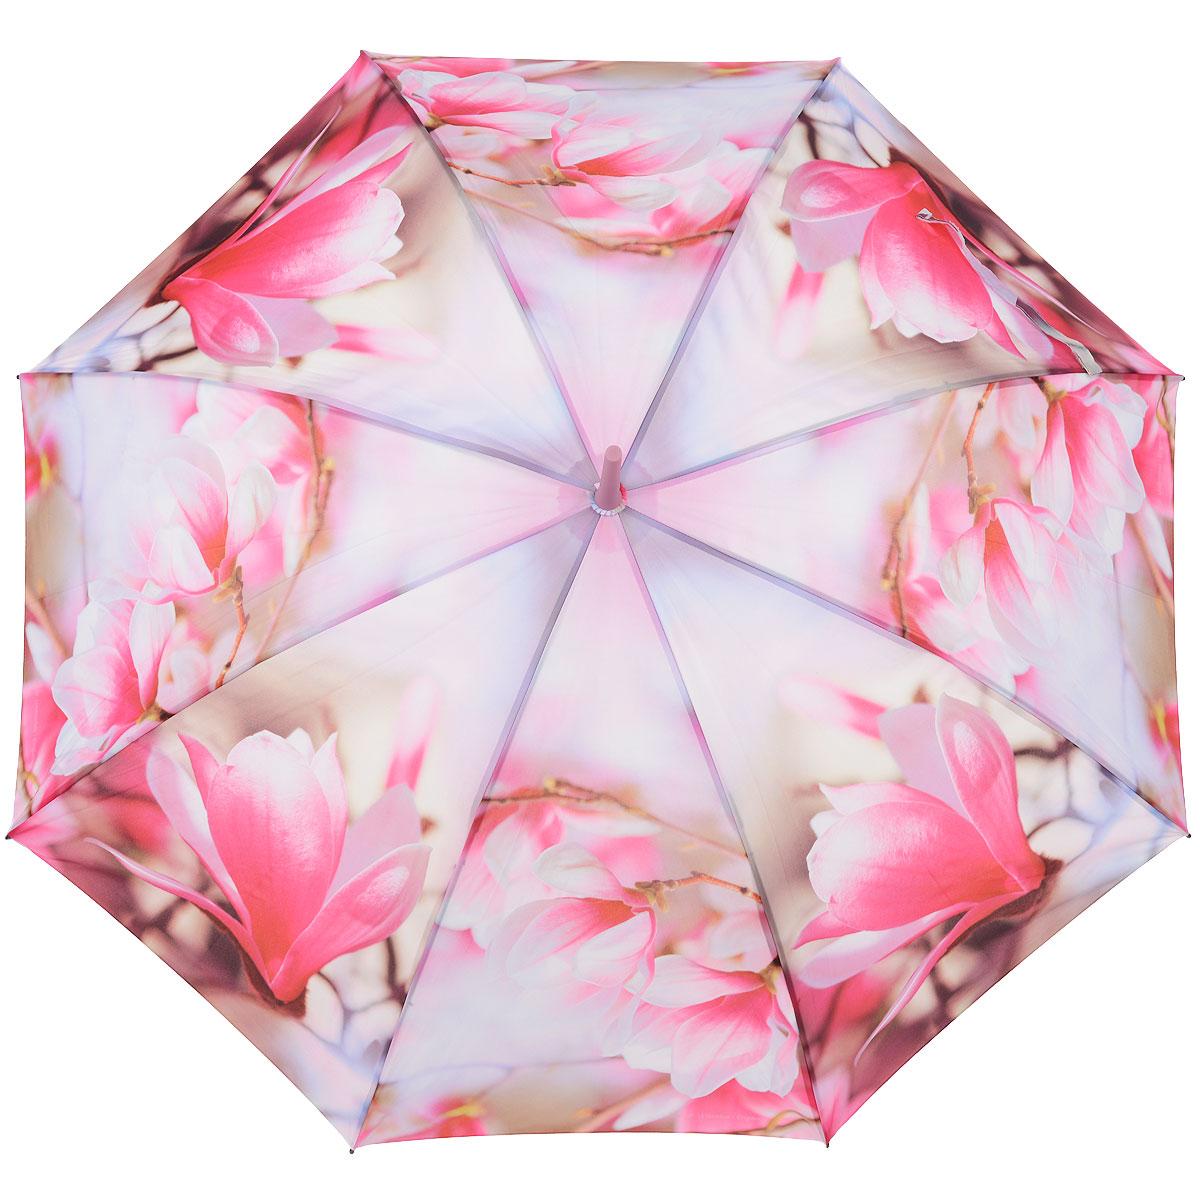 Зонт-трость женский Zest, цвет: розовый. 216255-38216255-38Женский полуавтоматический зонт-трость Zest даже в ненастную погоду позволит вам оставаться стильной и элегантной. Каркас зонта состоит из 8 спиц из фибергласса и прочного стержня из пластика. Специальная система Windproof защищает его от поломок во время сильных порывов ветра. Купол зонта выполнен из прочного полиэстера с водоотталкивающей пропиткой и оформлен изображением цветов. Используемые высококачественные красители, а также покрытие Teflon обеспечивают длительное сохранение свойств ткани купола. Рукоятка закругленной формы, разработанная с учетом требований эргономики, выполнена из приятного на ощупь прорезиненного пластика розового цвета. Зонт имеет полуавтоматический механизм сложения: купол открывается нажатием на кнопку и закрывается вручную до характерного щелчка. Такой зонт не только надежно защитит вас от дождя, но и станет стильным аксессуаром, который идеально подчеркнет ваш неповторимый образ.